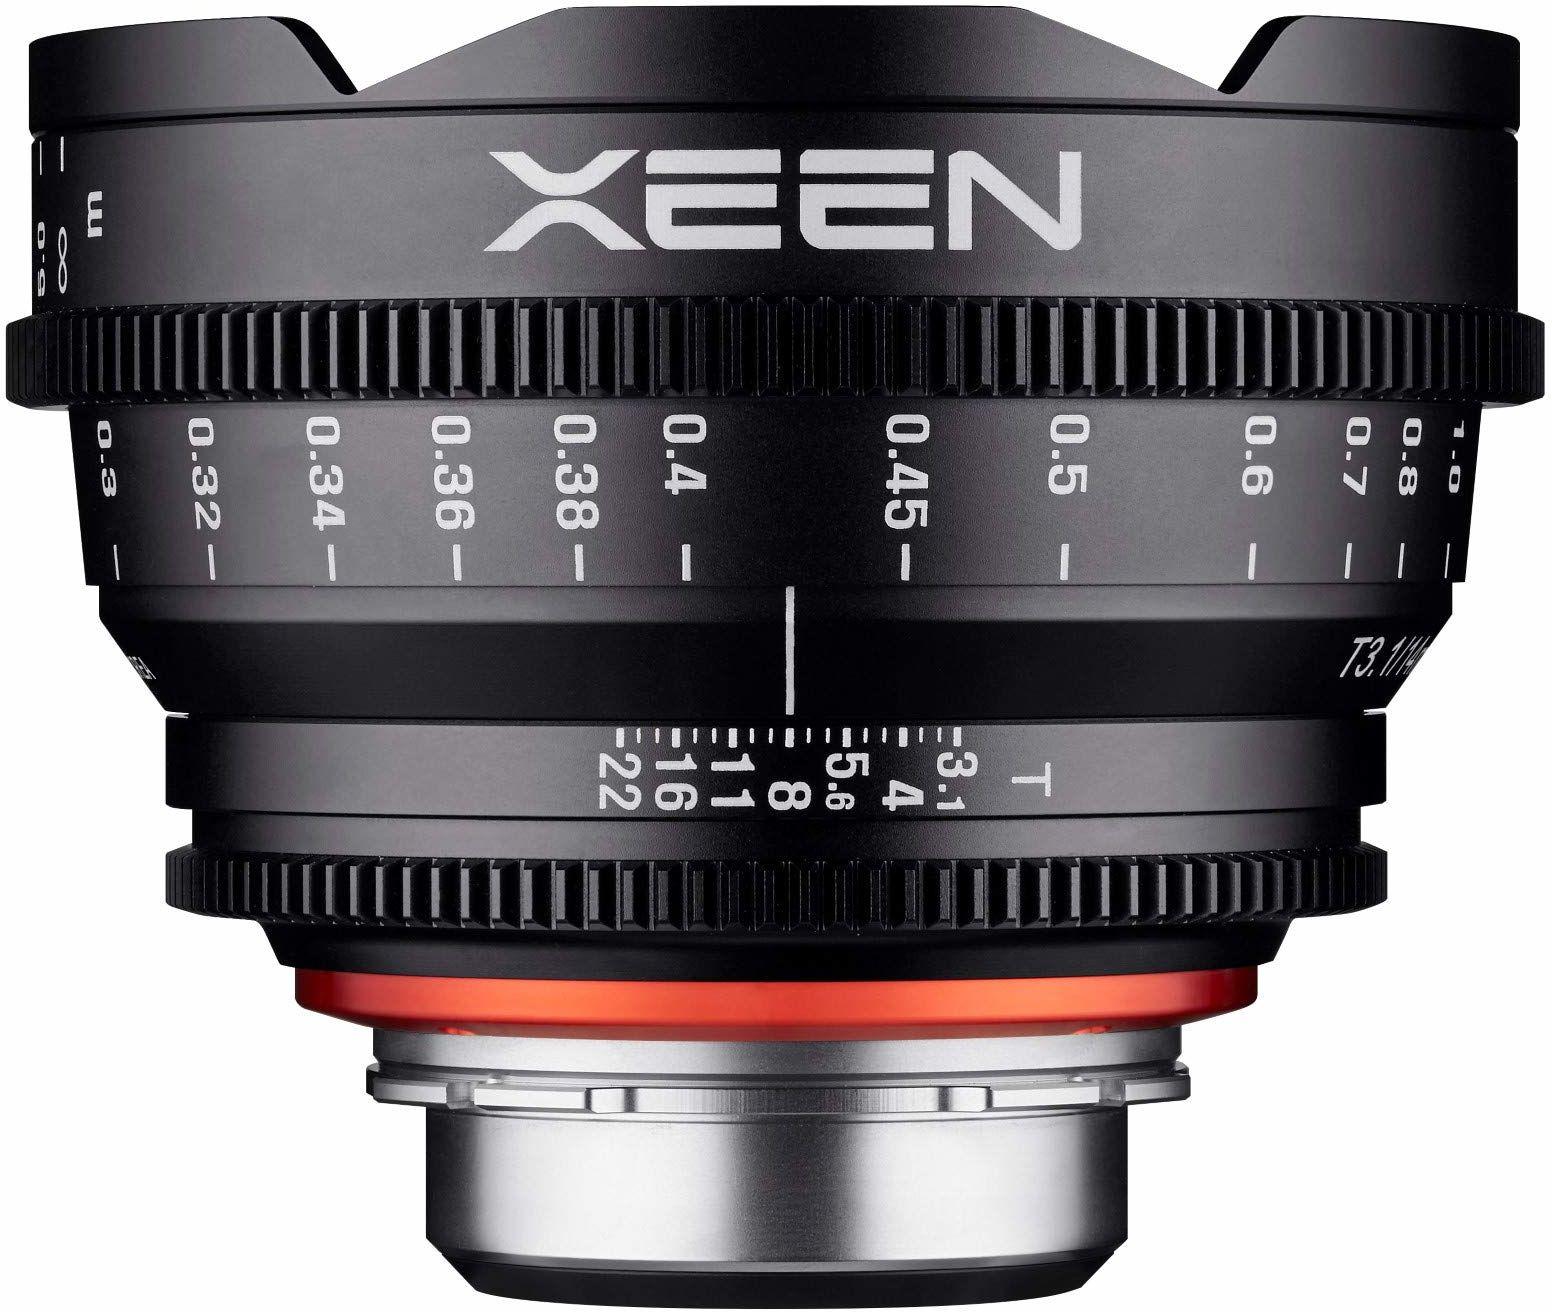 Xeen 15014T3.1SE T3.1 Cine obiektyw, złącze E, 14 mm, czarny